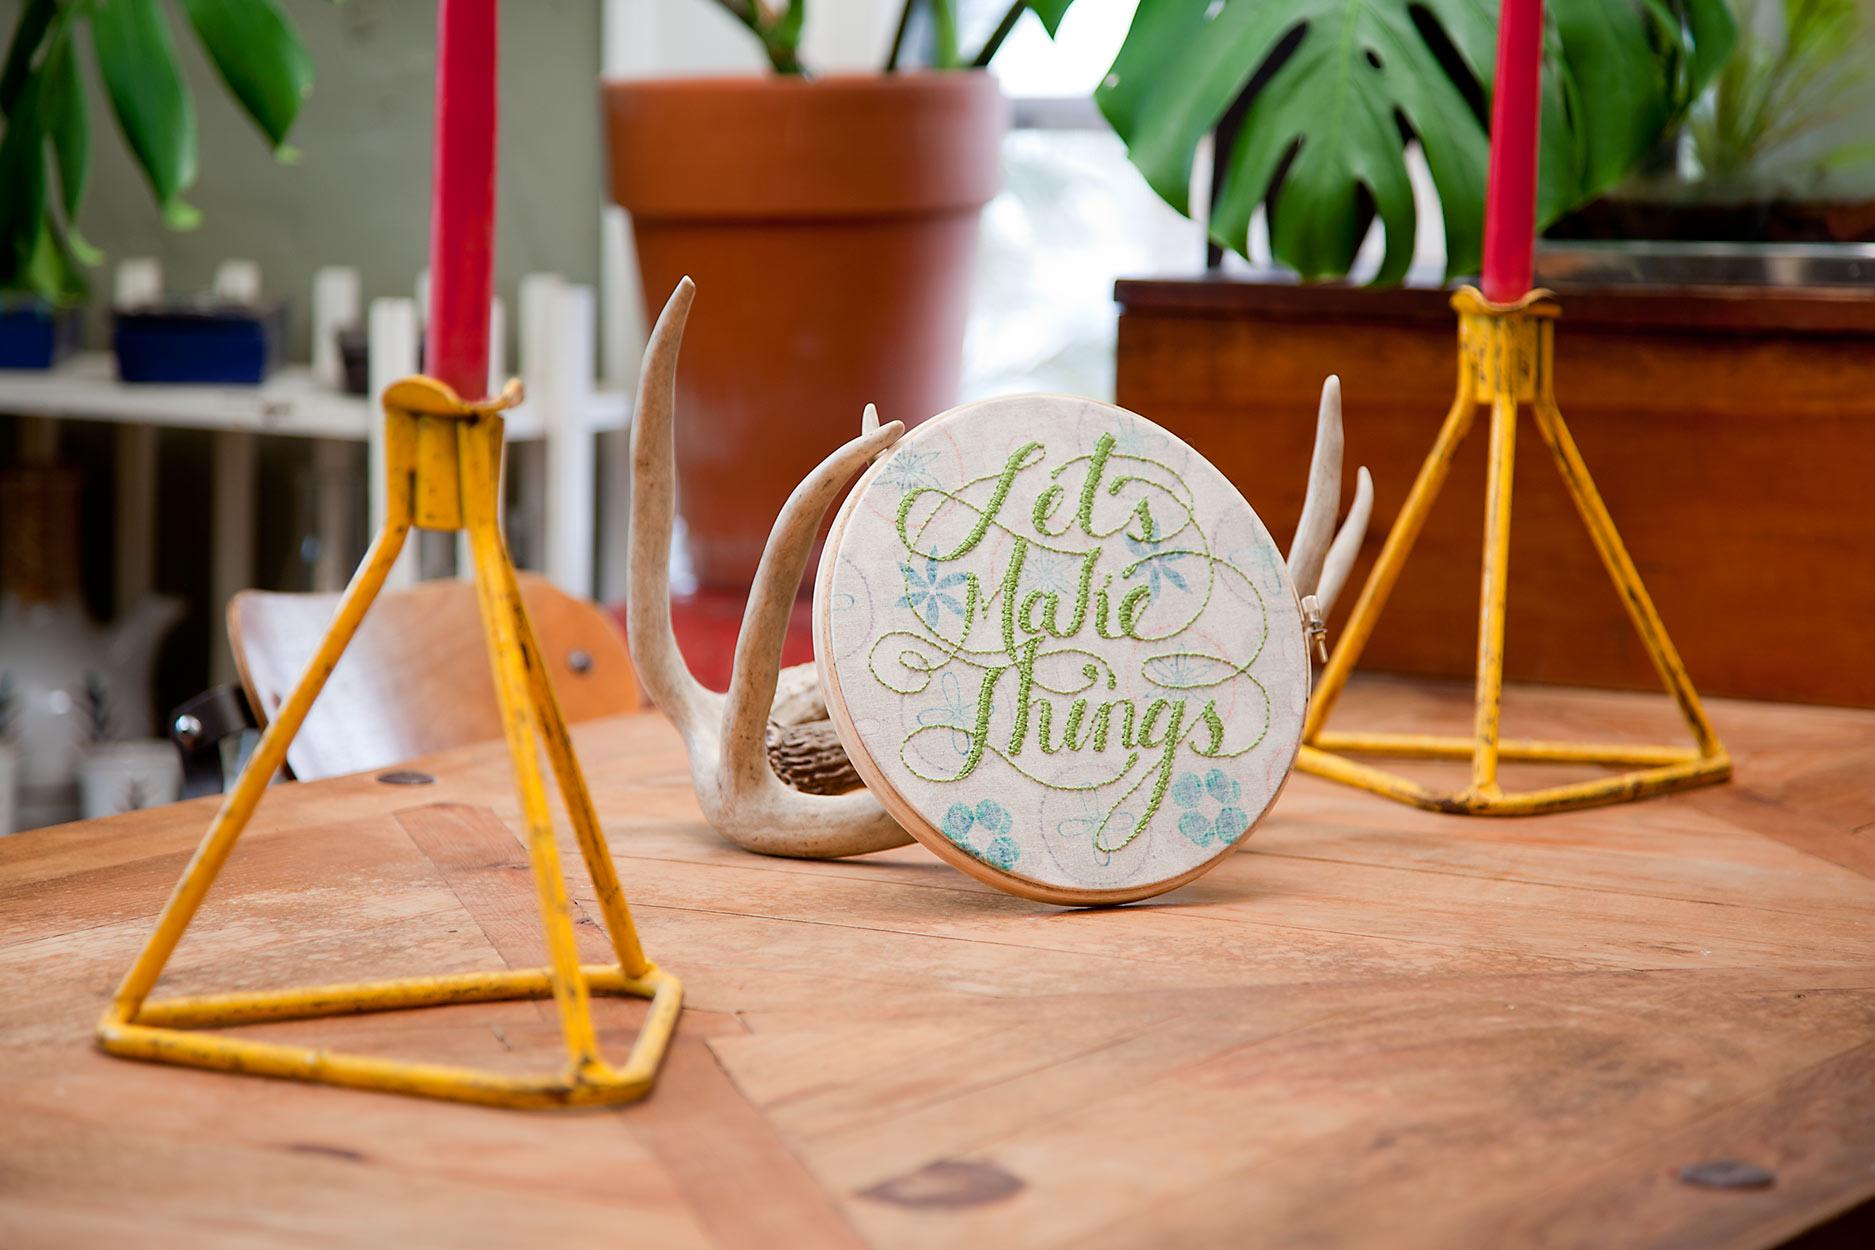 Let's_Make_Things.jpg